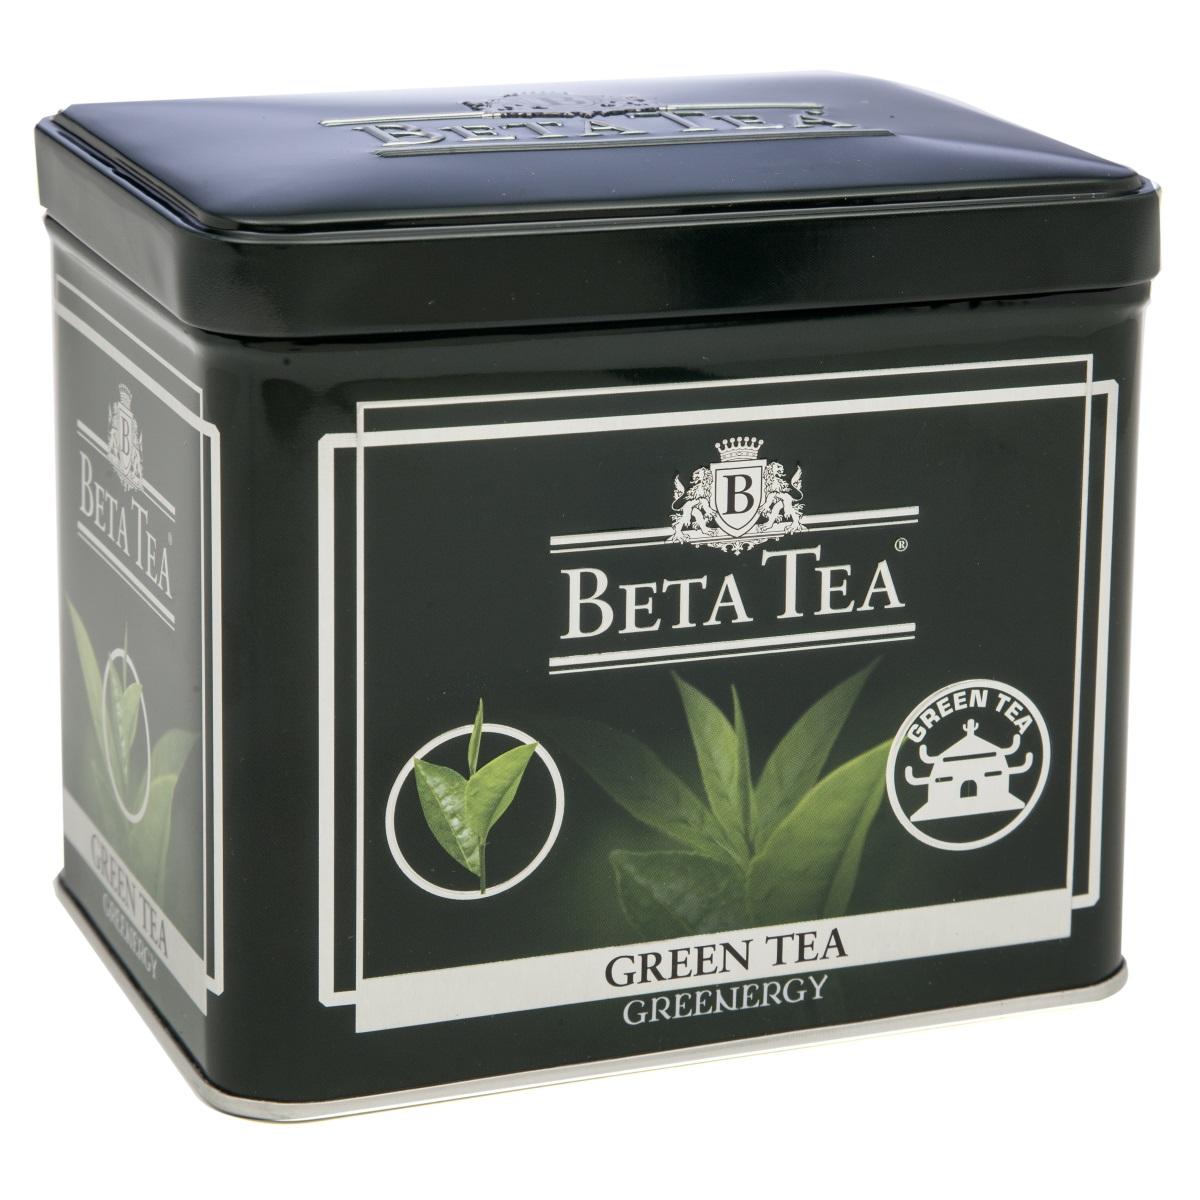 Beta Tea зеленый листовой чай, 100 г (жестяная банка)8690717005300Благодаря своим целебным свойствам зеленый чай Beta Tea занимает особое место в ассортименте компании. Основная задача при производстве этого сортасостоит в том, чтобы сохранить лечебные природные биологически активные вещества свежих листьев таким образом, чтобы они смогли высвободиться во время заваривания.